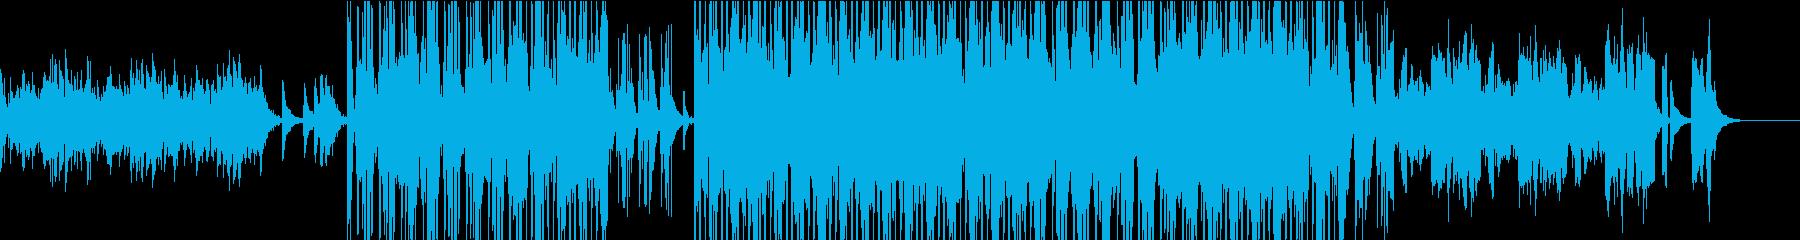 ピアノ・テクノ・ポップなエレクトロの再生済みの波形